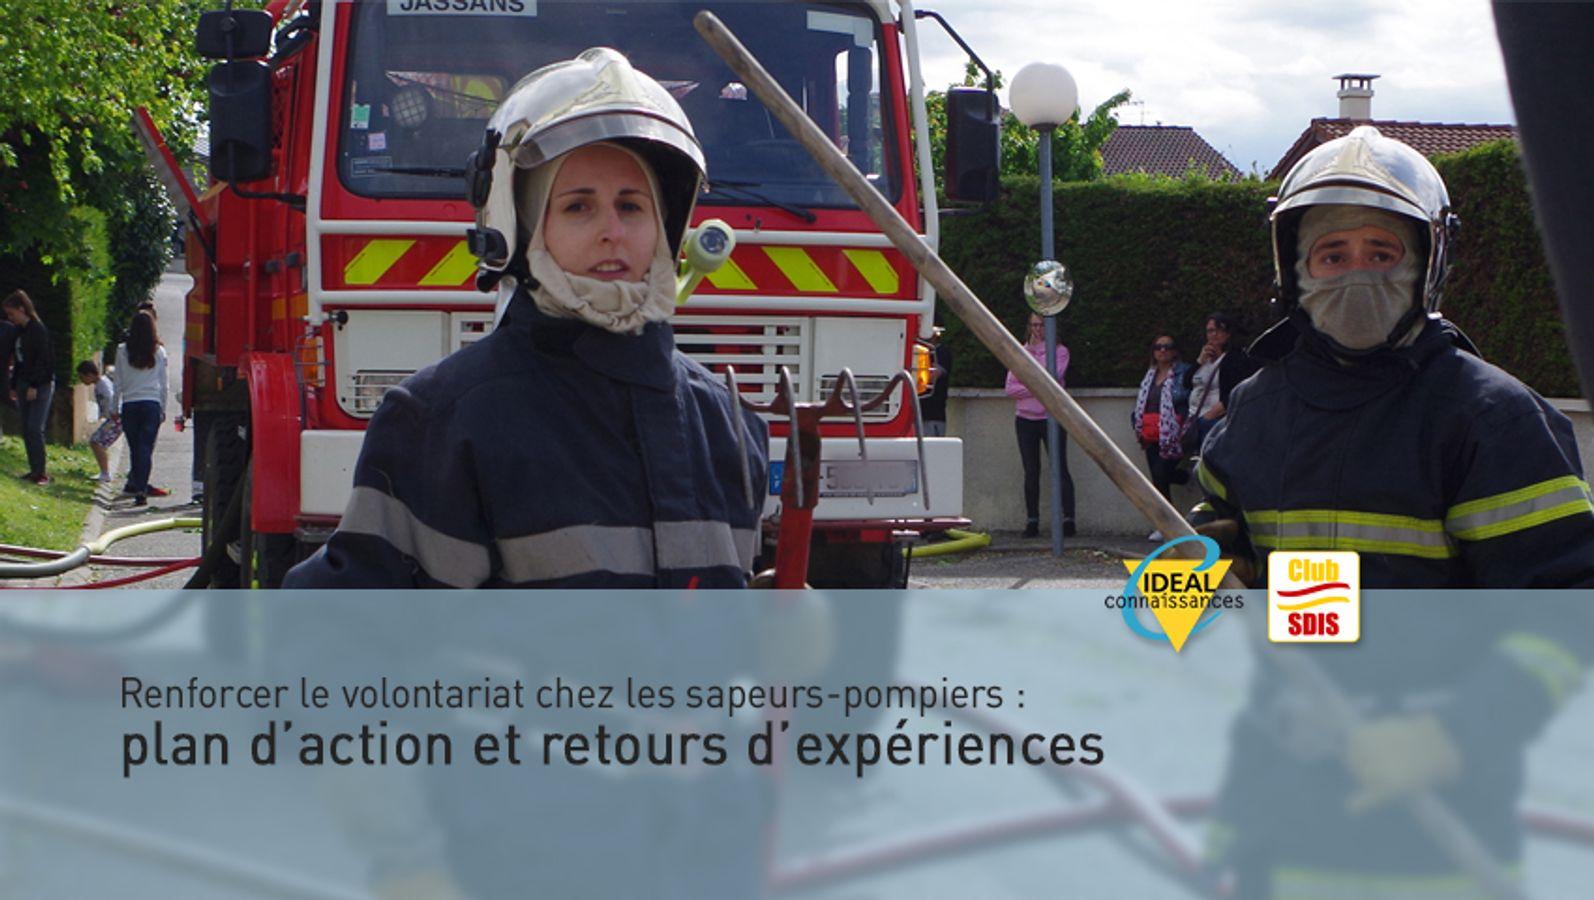 Renforcer le volontariat chez les sapeurs-pompiers : plan d'action et retours d'expériences